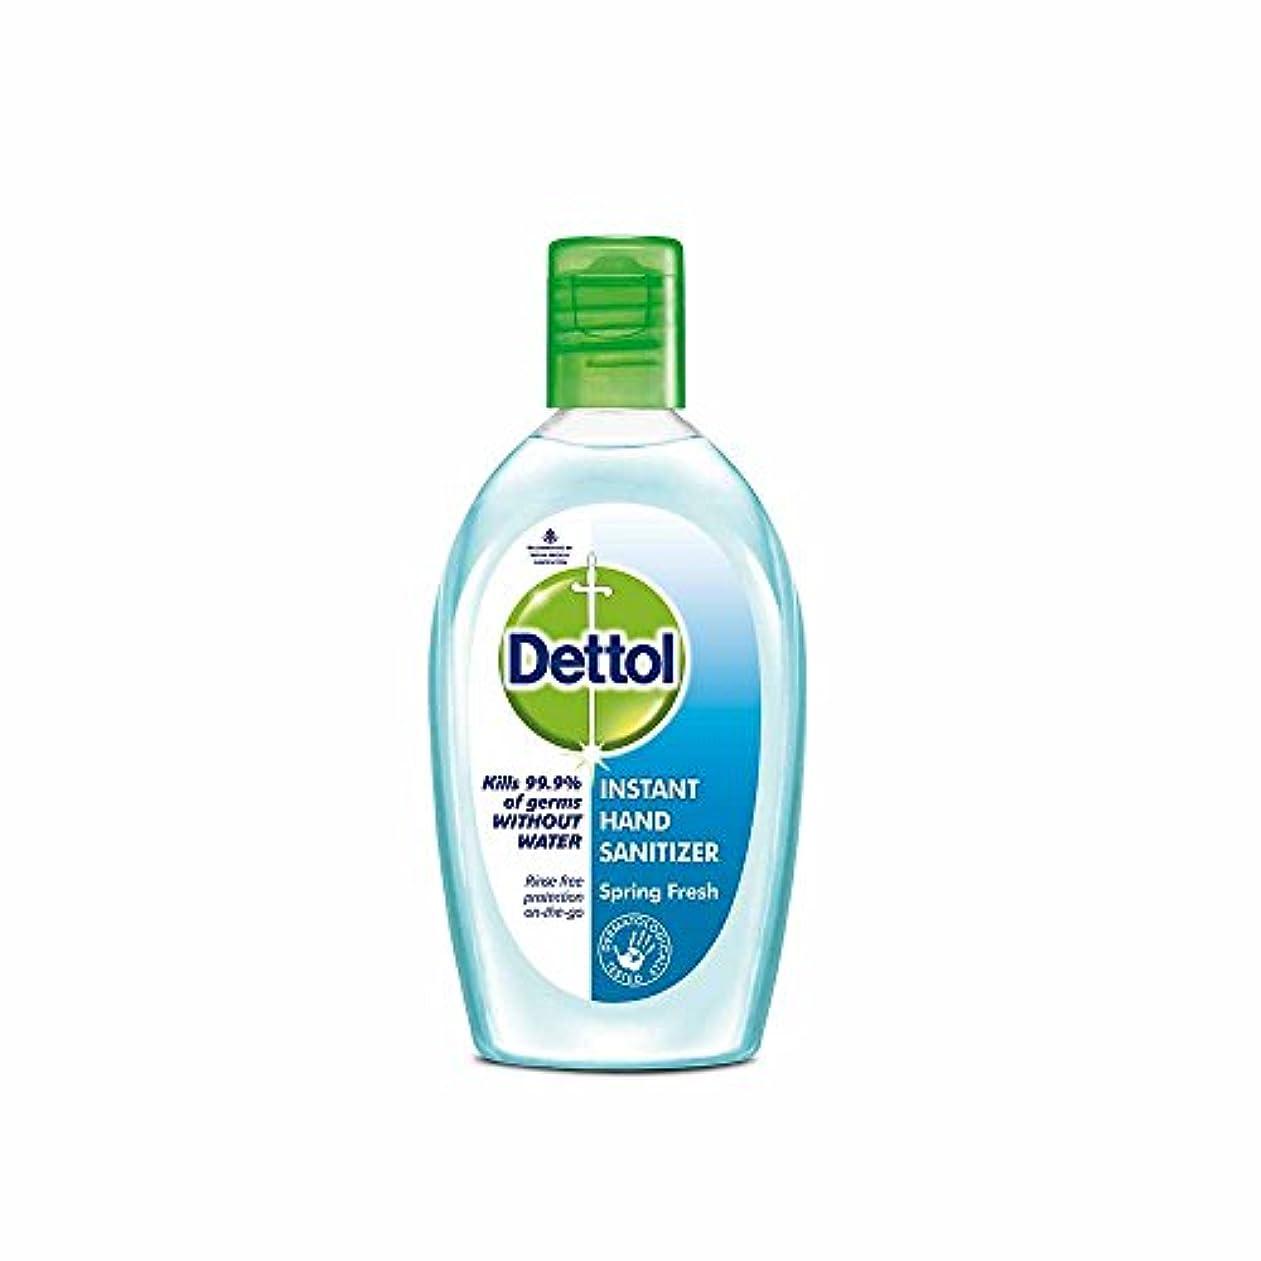 ポルノ定期的地域Dettol Instant Hand Sanitizer Spring Fresh - 50 ml